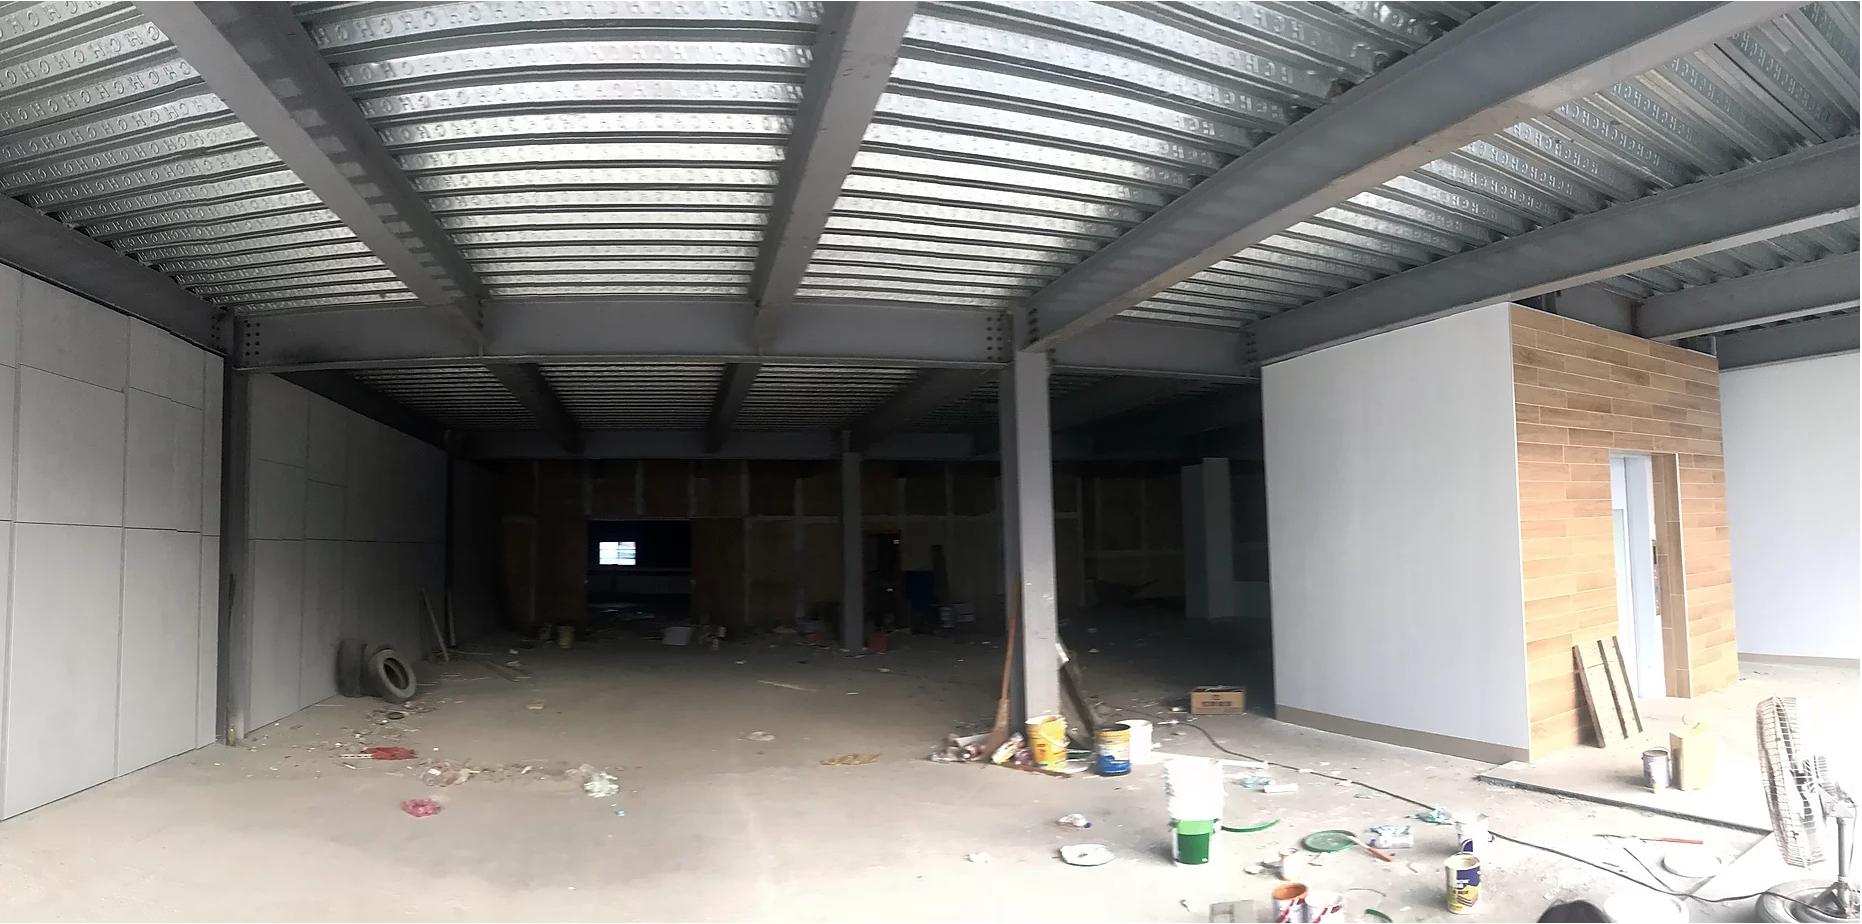 德築-DEZU-project-德築建築工場-architecture-interior-renovation-3